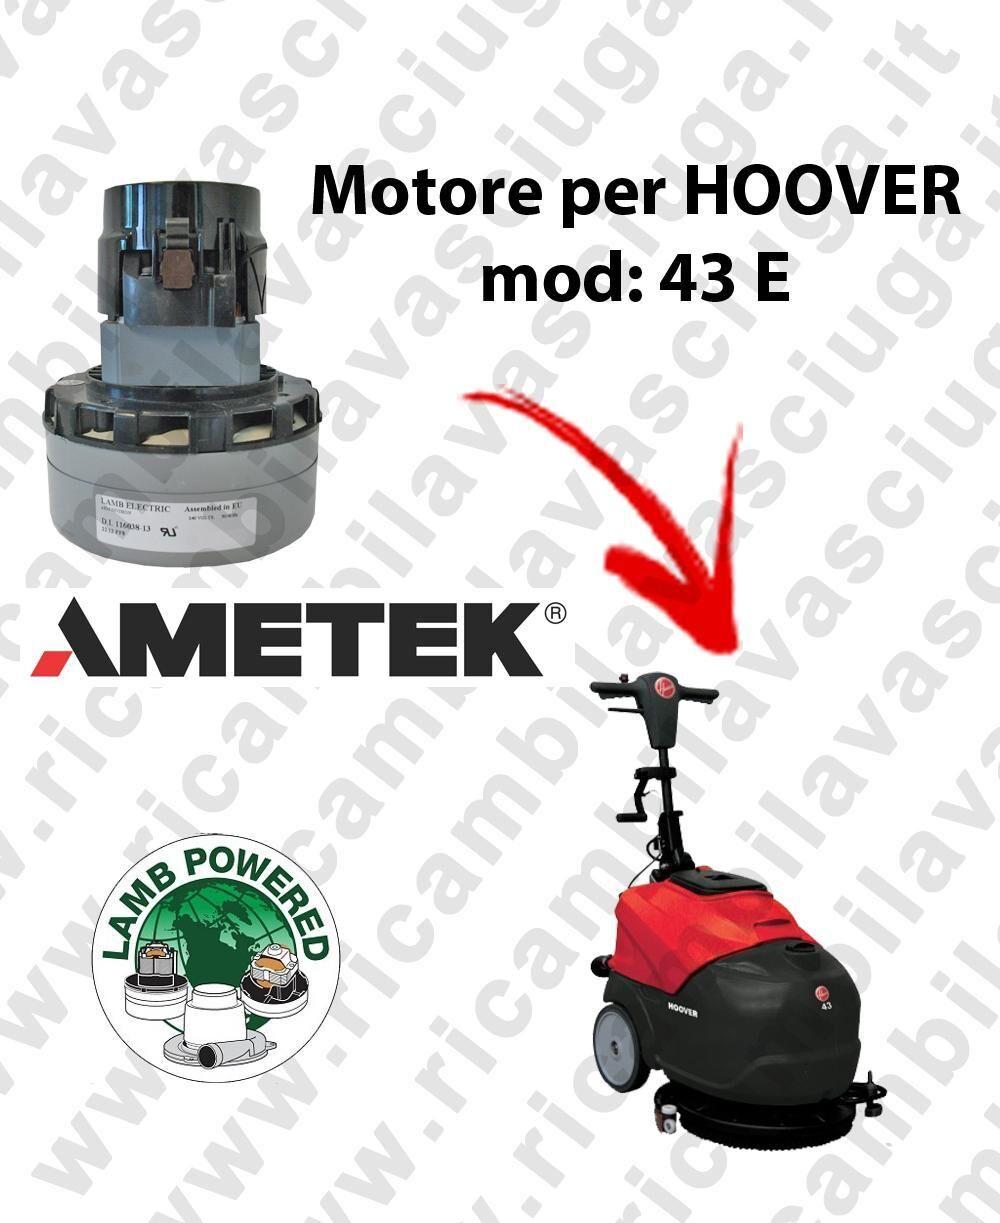 Hoover Motore Lamb Ametek di aspirazione per lavapavimenti 43 E